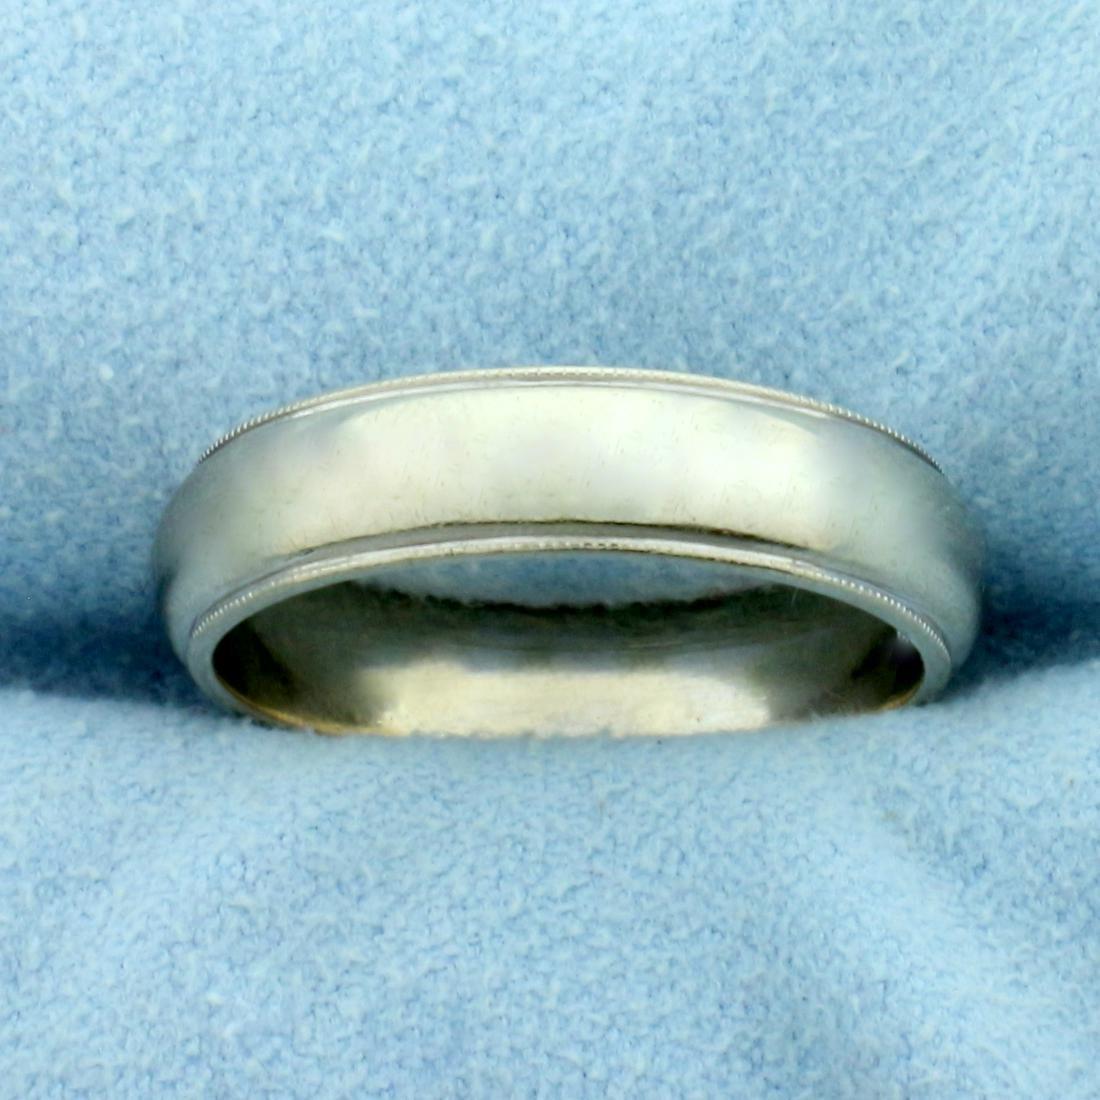 Milgrain Beaded Edge Wedding Band Ring in 14K White